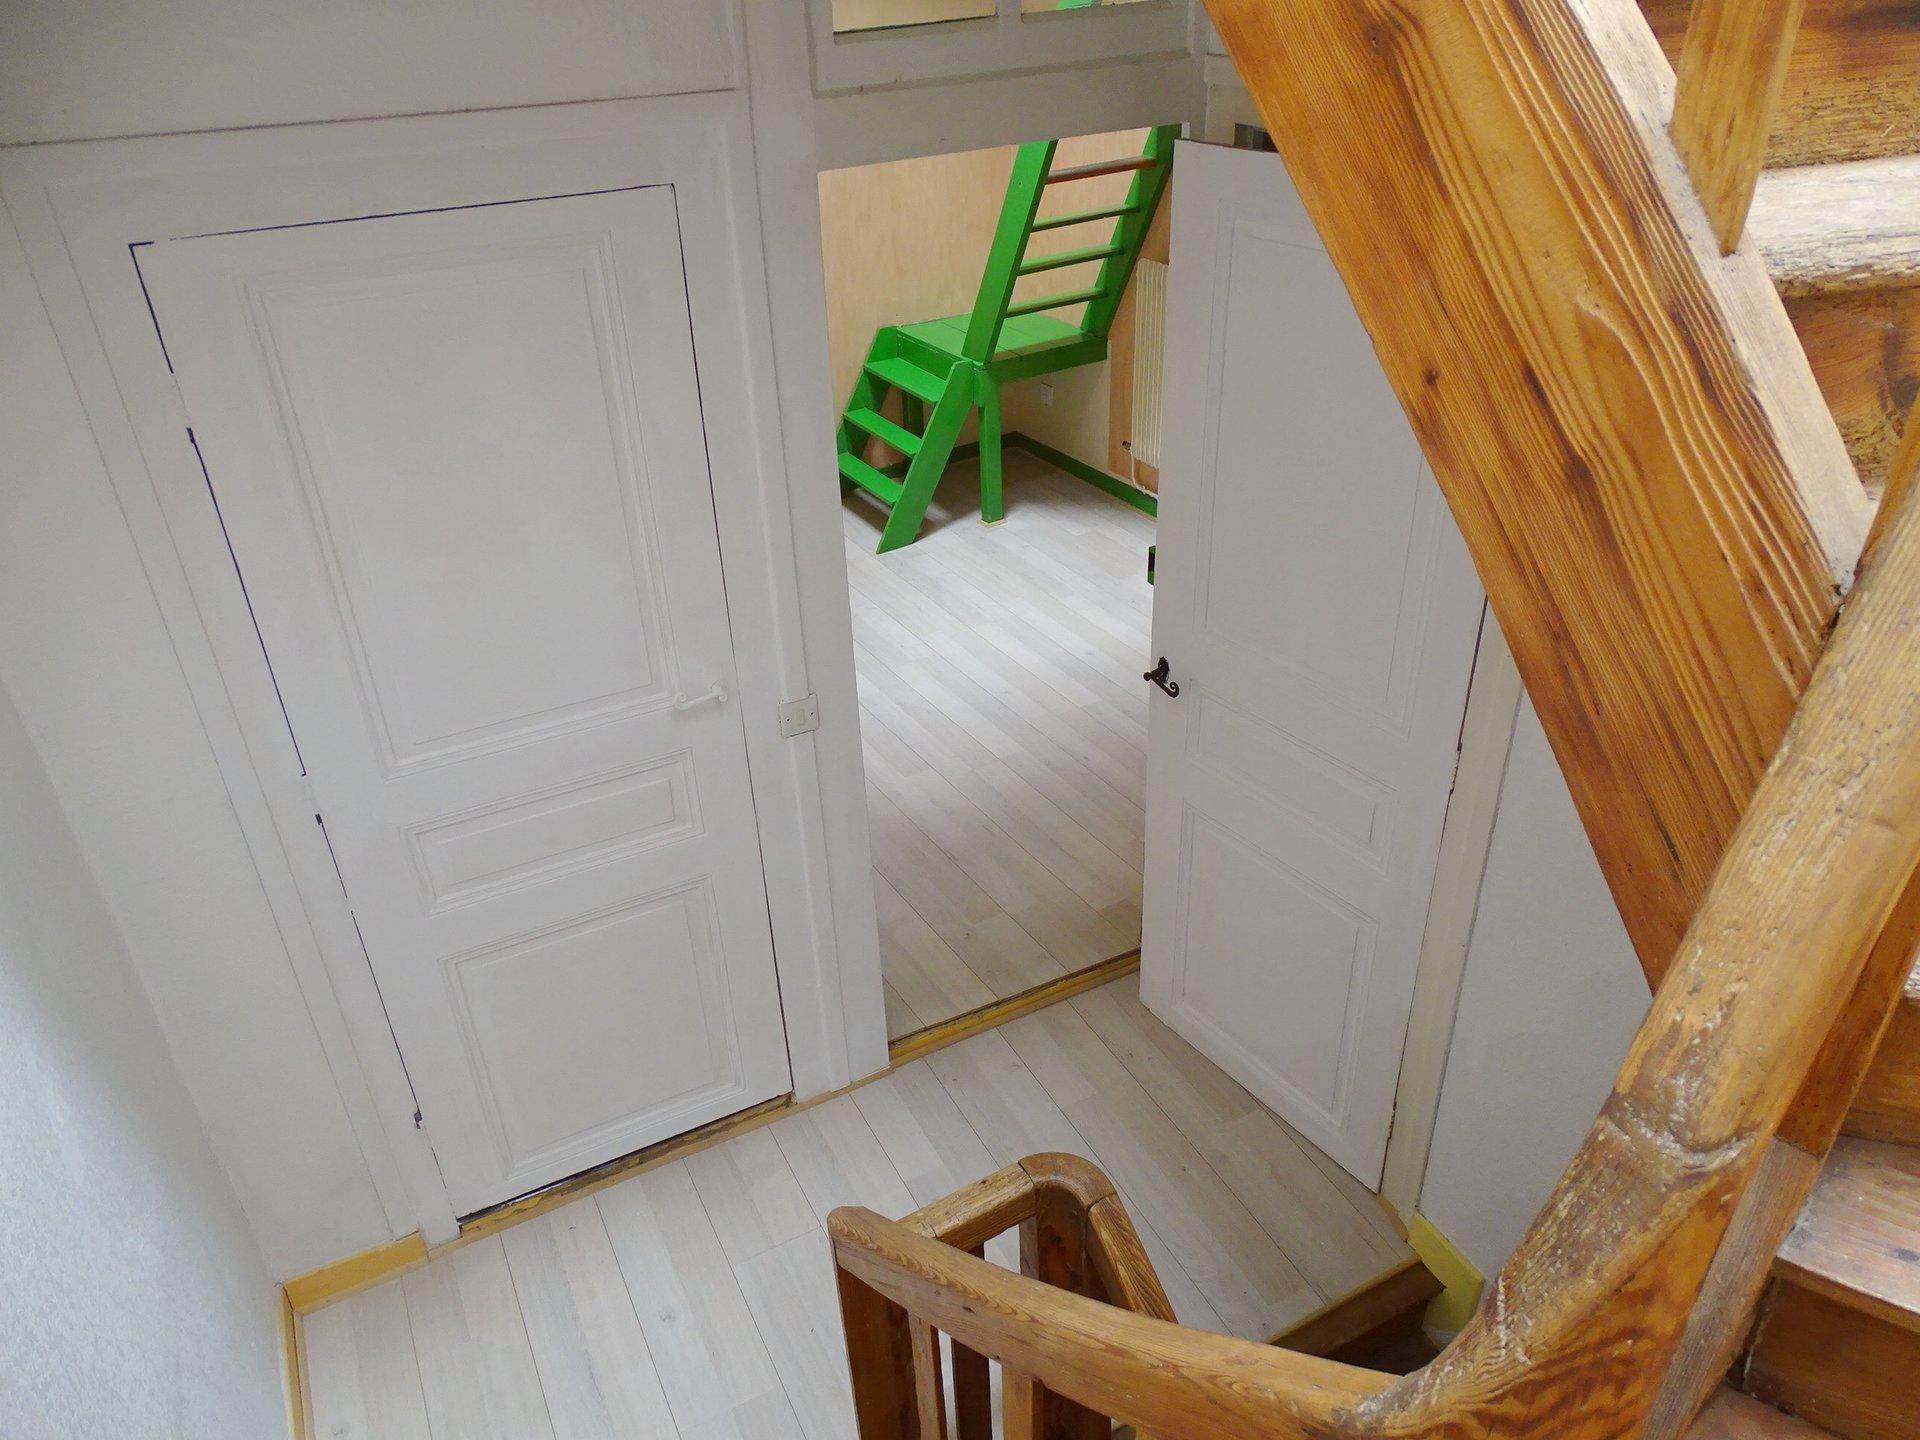 Proche de la place Gardon au centre de Mâcon, maison de ville d'environ 120 m².  Elle se compose en rez de chaussée, d'une pièce de 25 m², d'une salle de douche et d'un WC puis dans les étages elle dispose d'un séjour avec cuisine aménagée, d'une grande chambre de près de 25 m², de deux bureaux pouvant être réunis et d'une seconde salle de bains.  La toiture a été entièrement refaite en 2009 et la façade date de 2019 !  A visiter pour son potentiel et son emplacement ! Honoraires à charge vendeurs